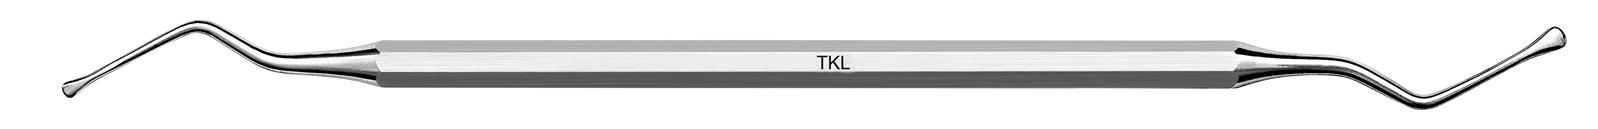 Nůž pro tunelovou techniku - TKL, ADEP žlutý